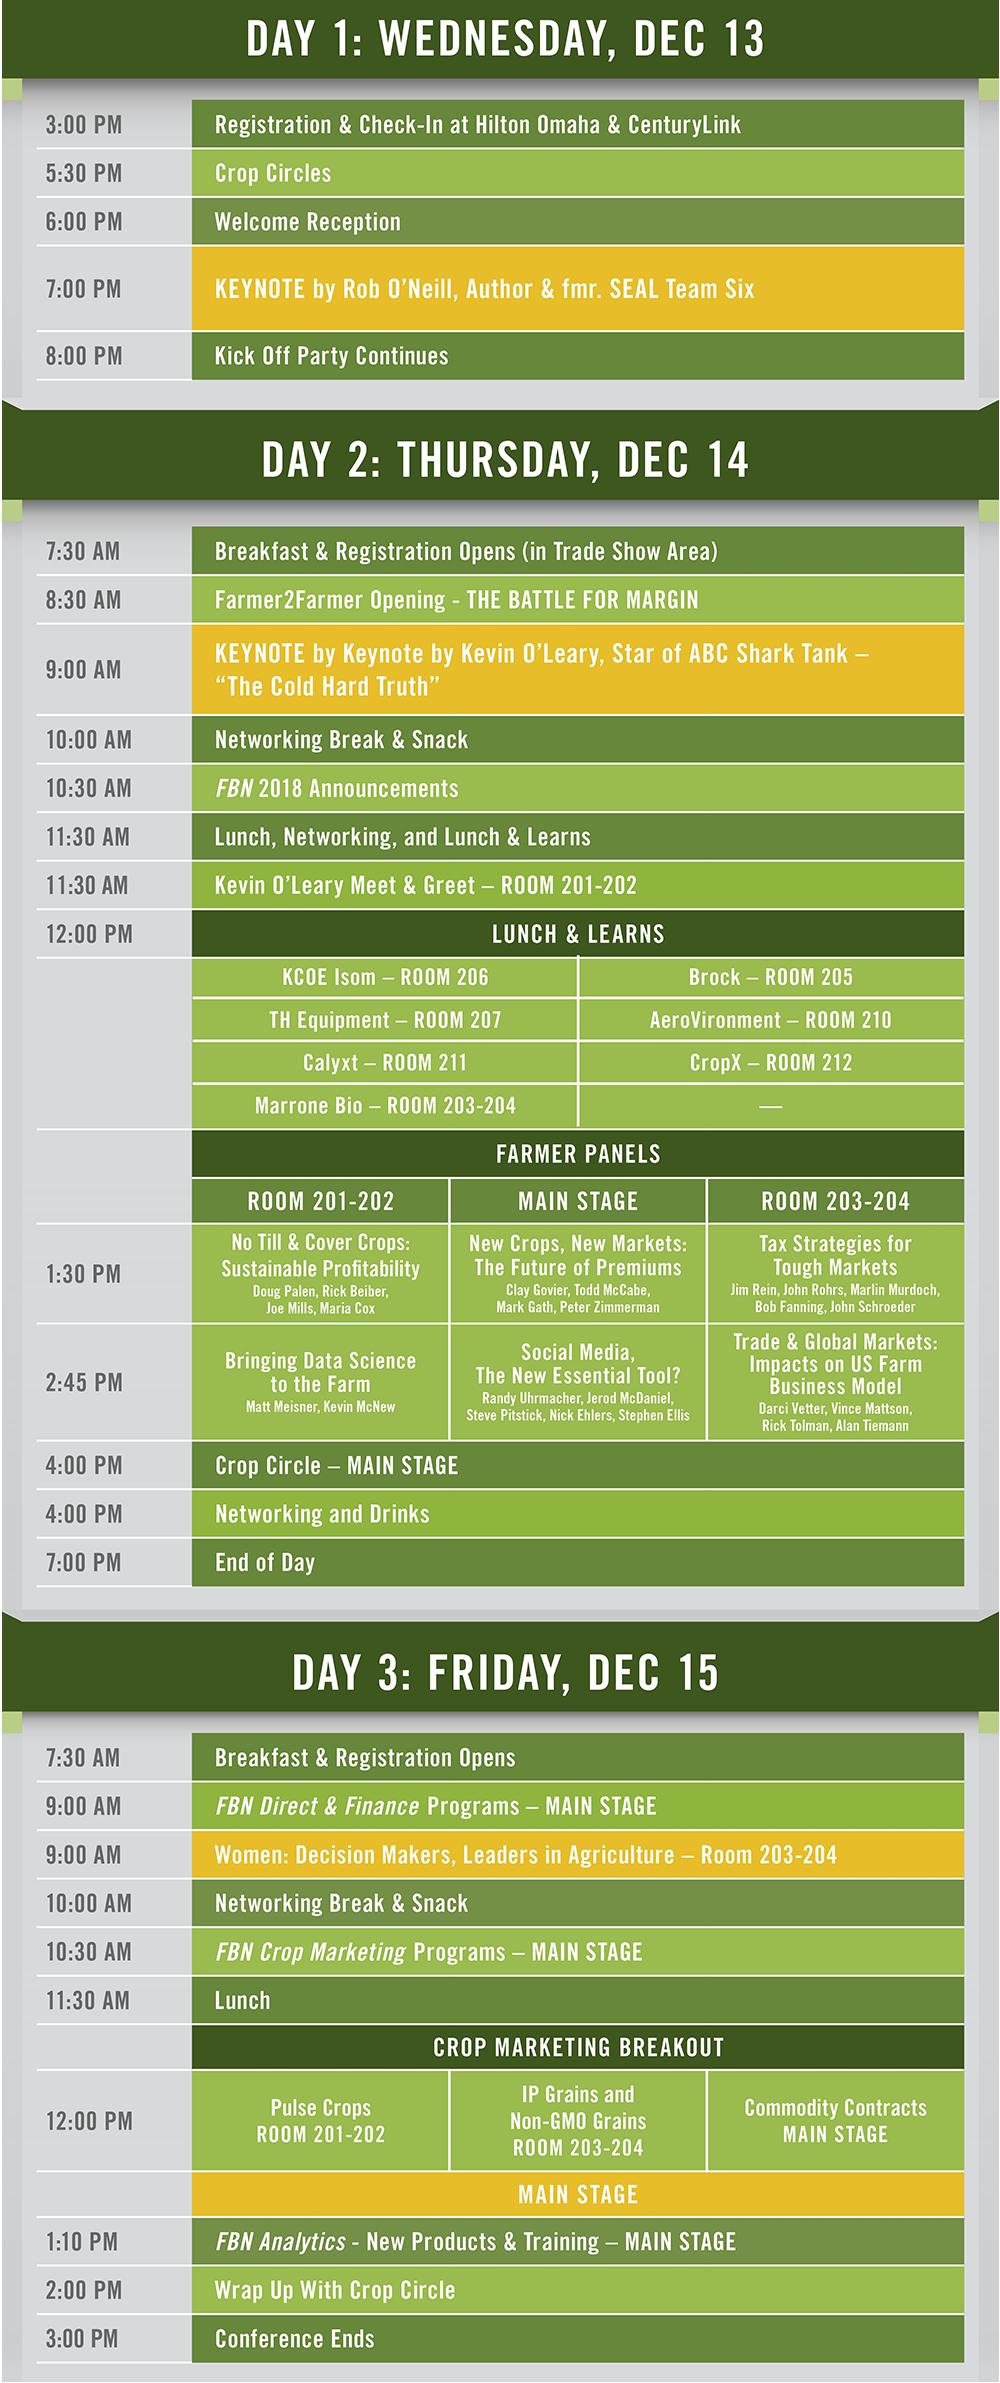 171026-F2F17-Schedule-Board-Green-Final-V7-agenda.png